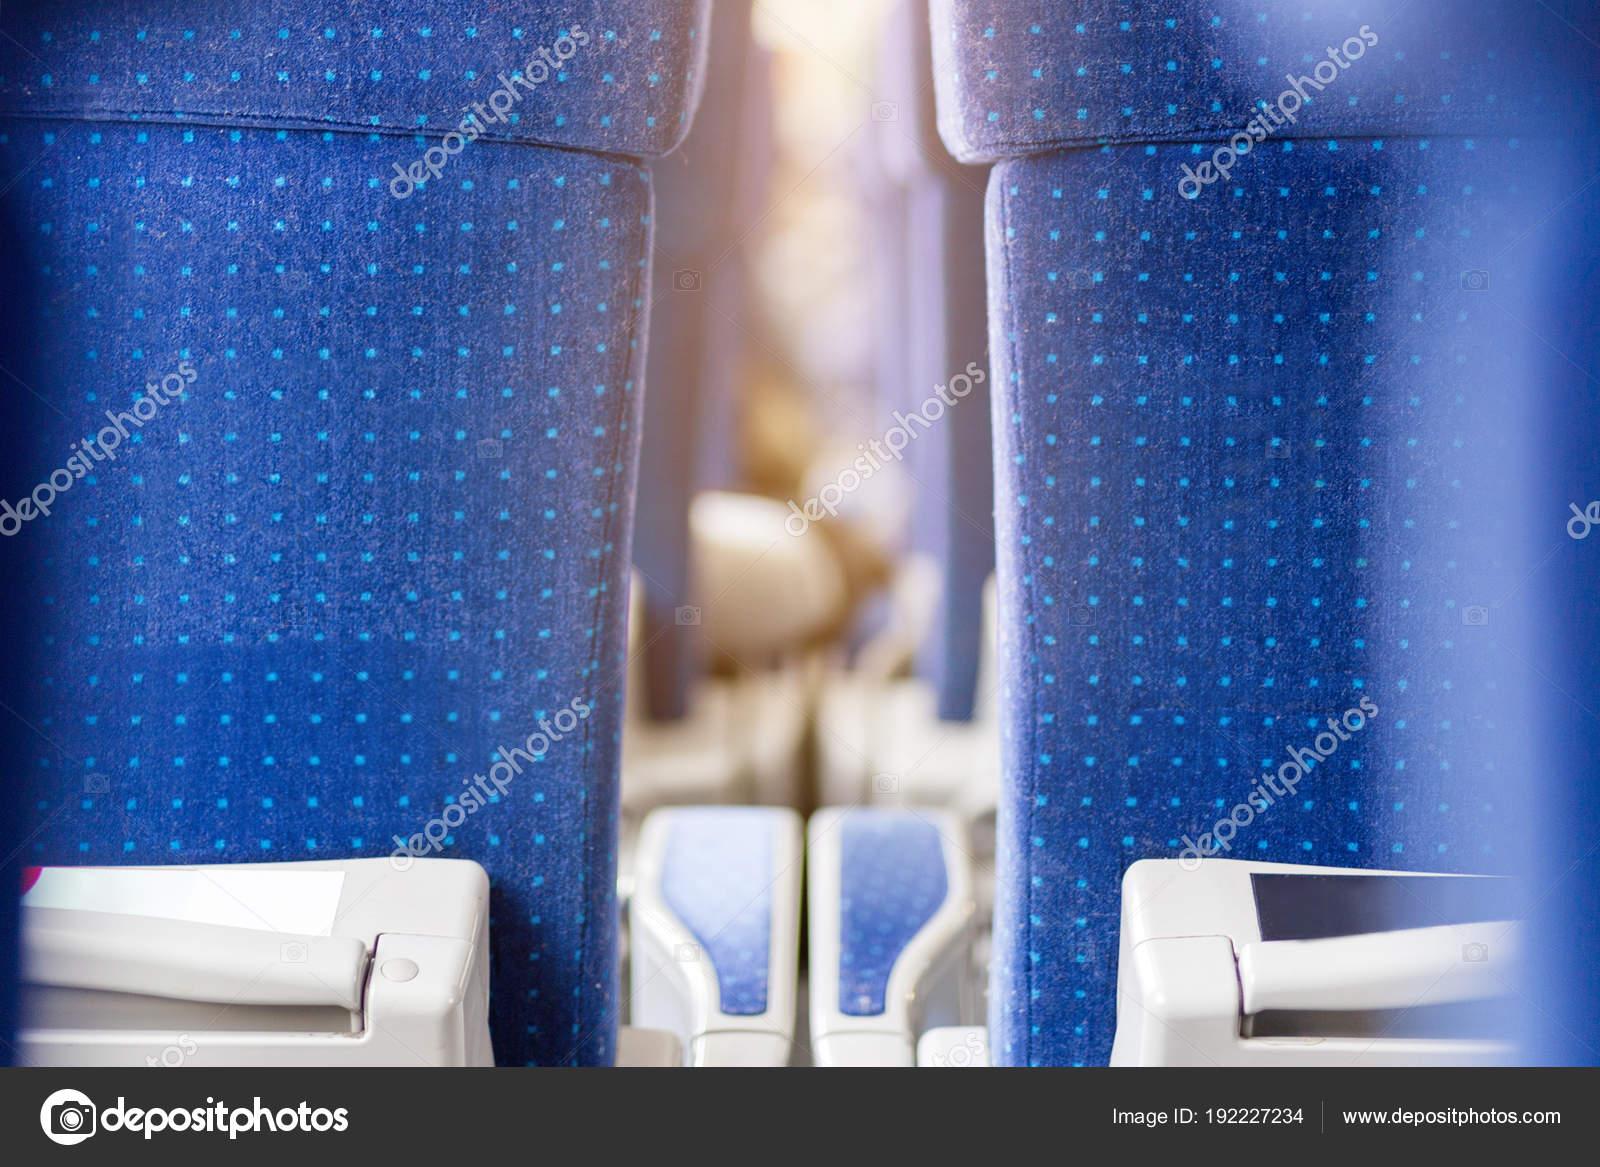 Фото широких поезд, порно кончает между груди и на лицо